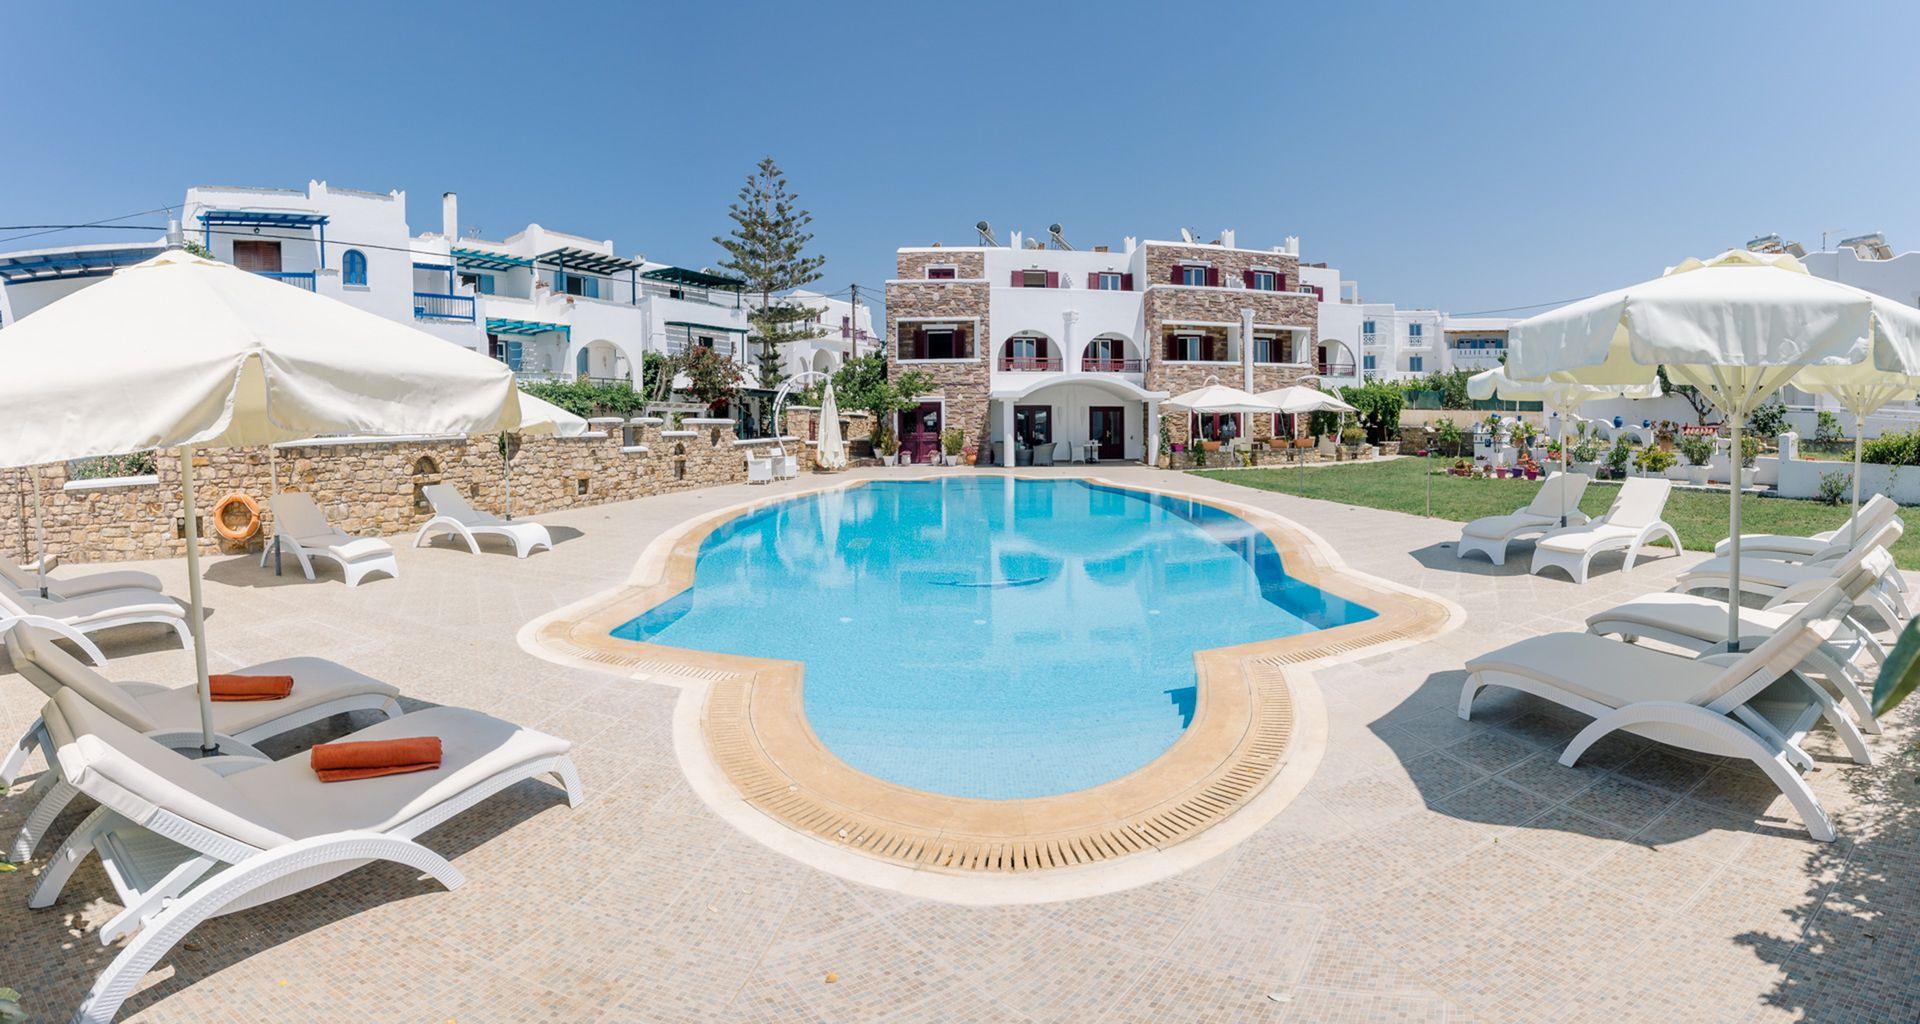 Ariadne Hotel Naxos - Νάξος ✦ 2 Ημέρες (1 Διανυκτέρευση)